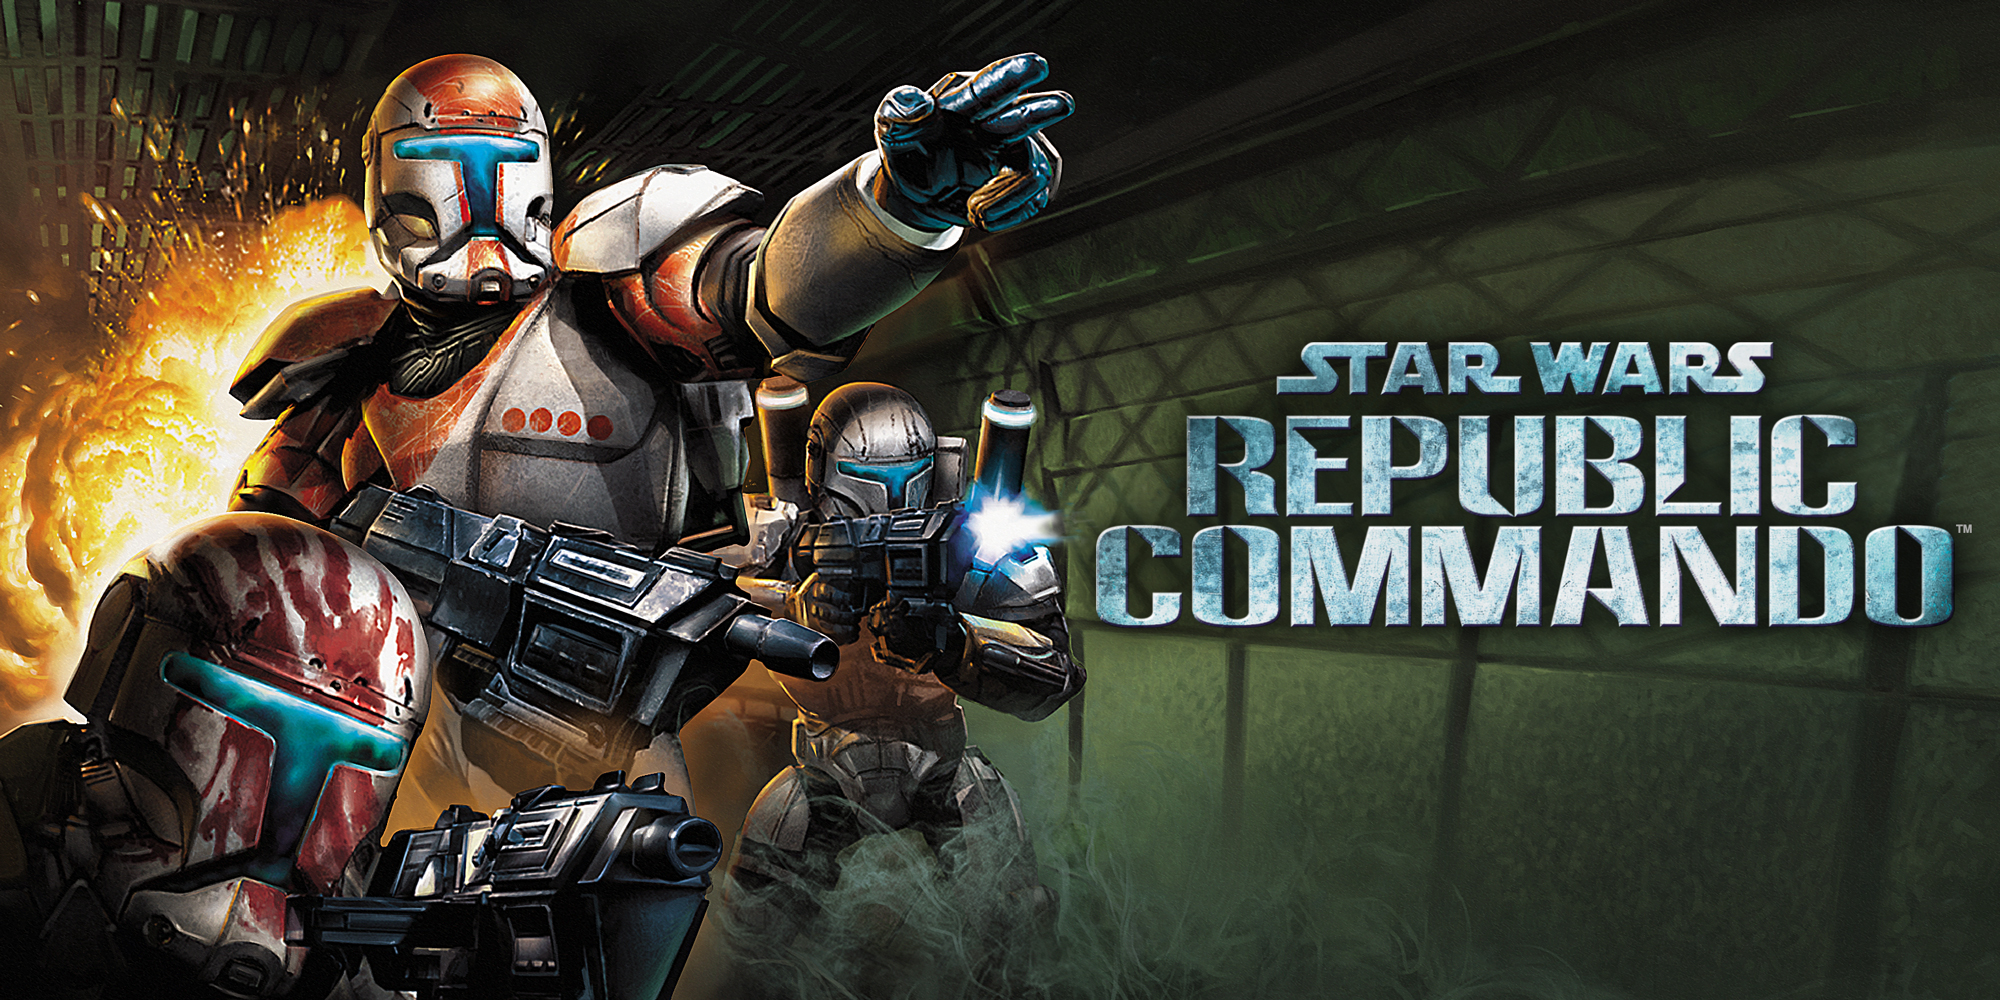 Game incursion – Star Wars Republic Commando